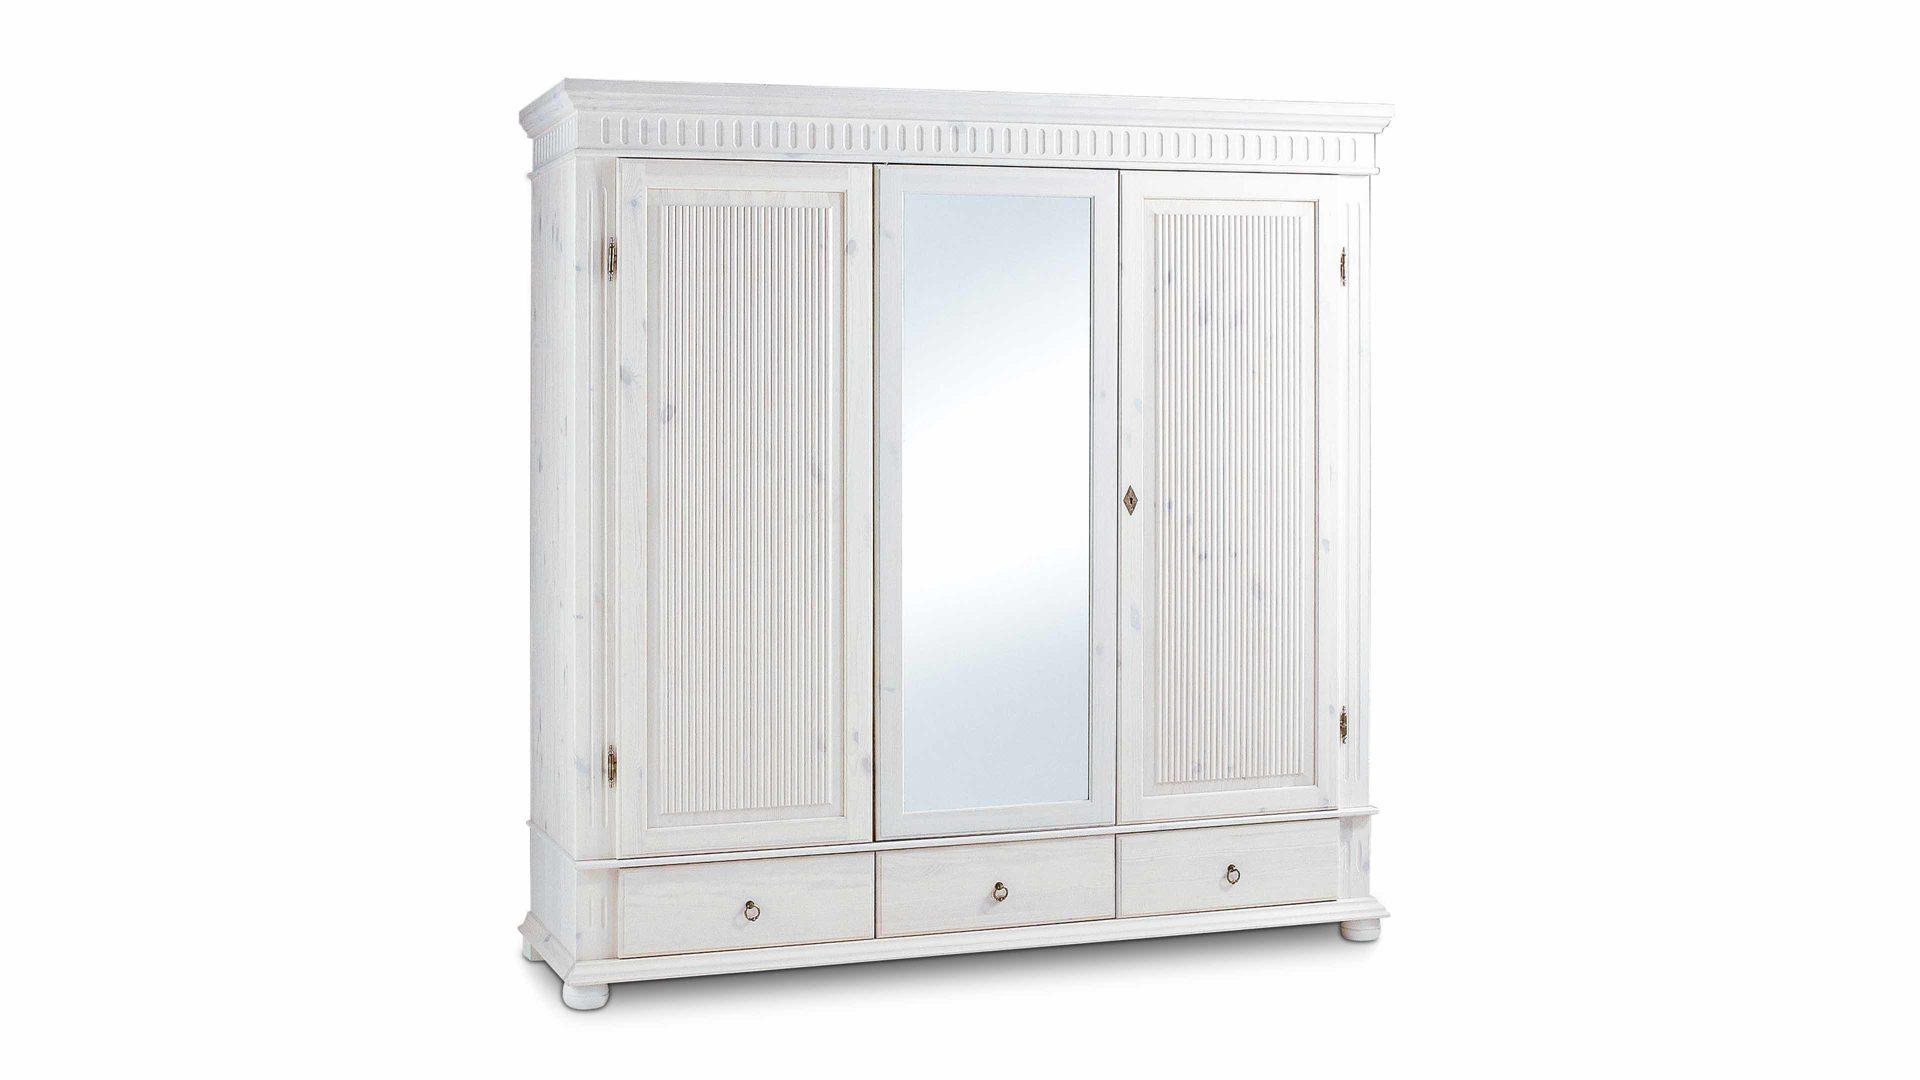 Kleiderschrank weiß spiegel günstig  Trendwerk by Möbel Busch, Räume, Schlafzimmer, Kleiderschränke ...